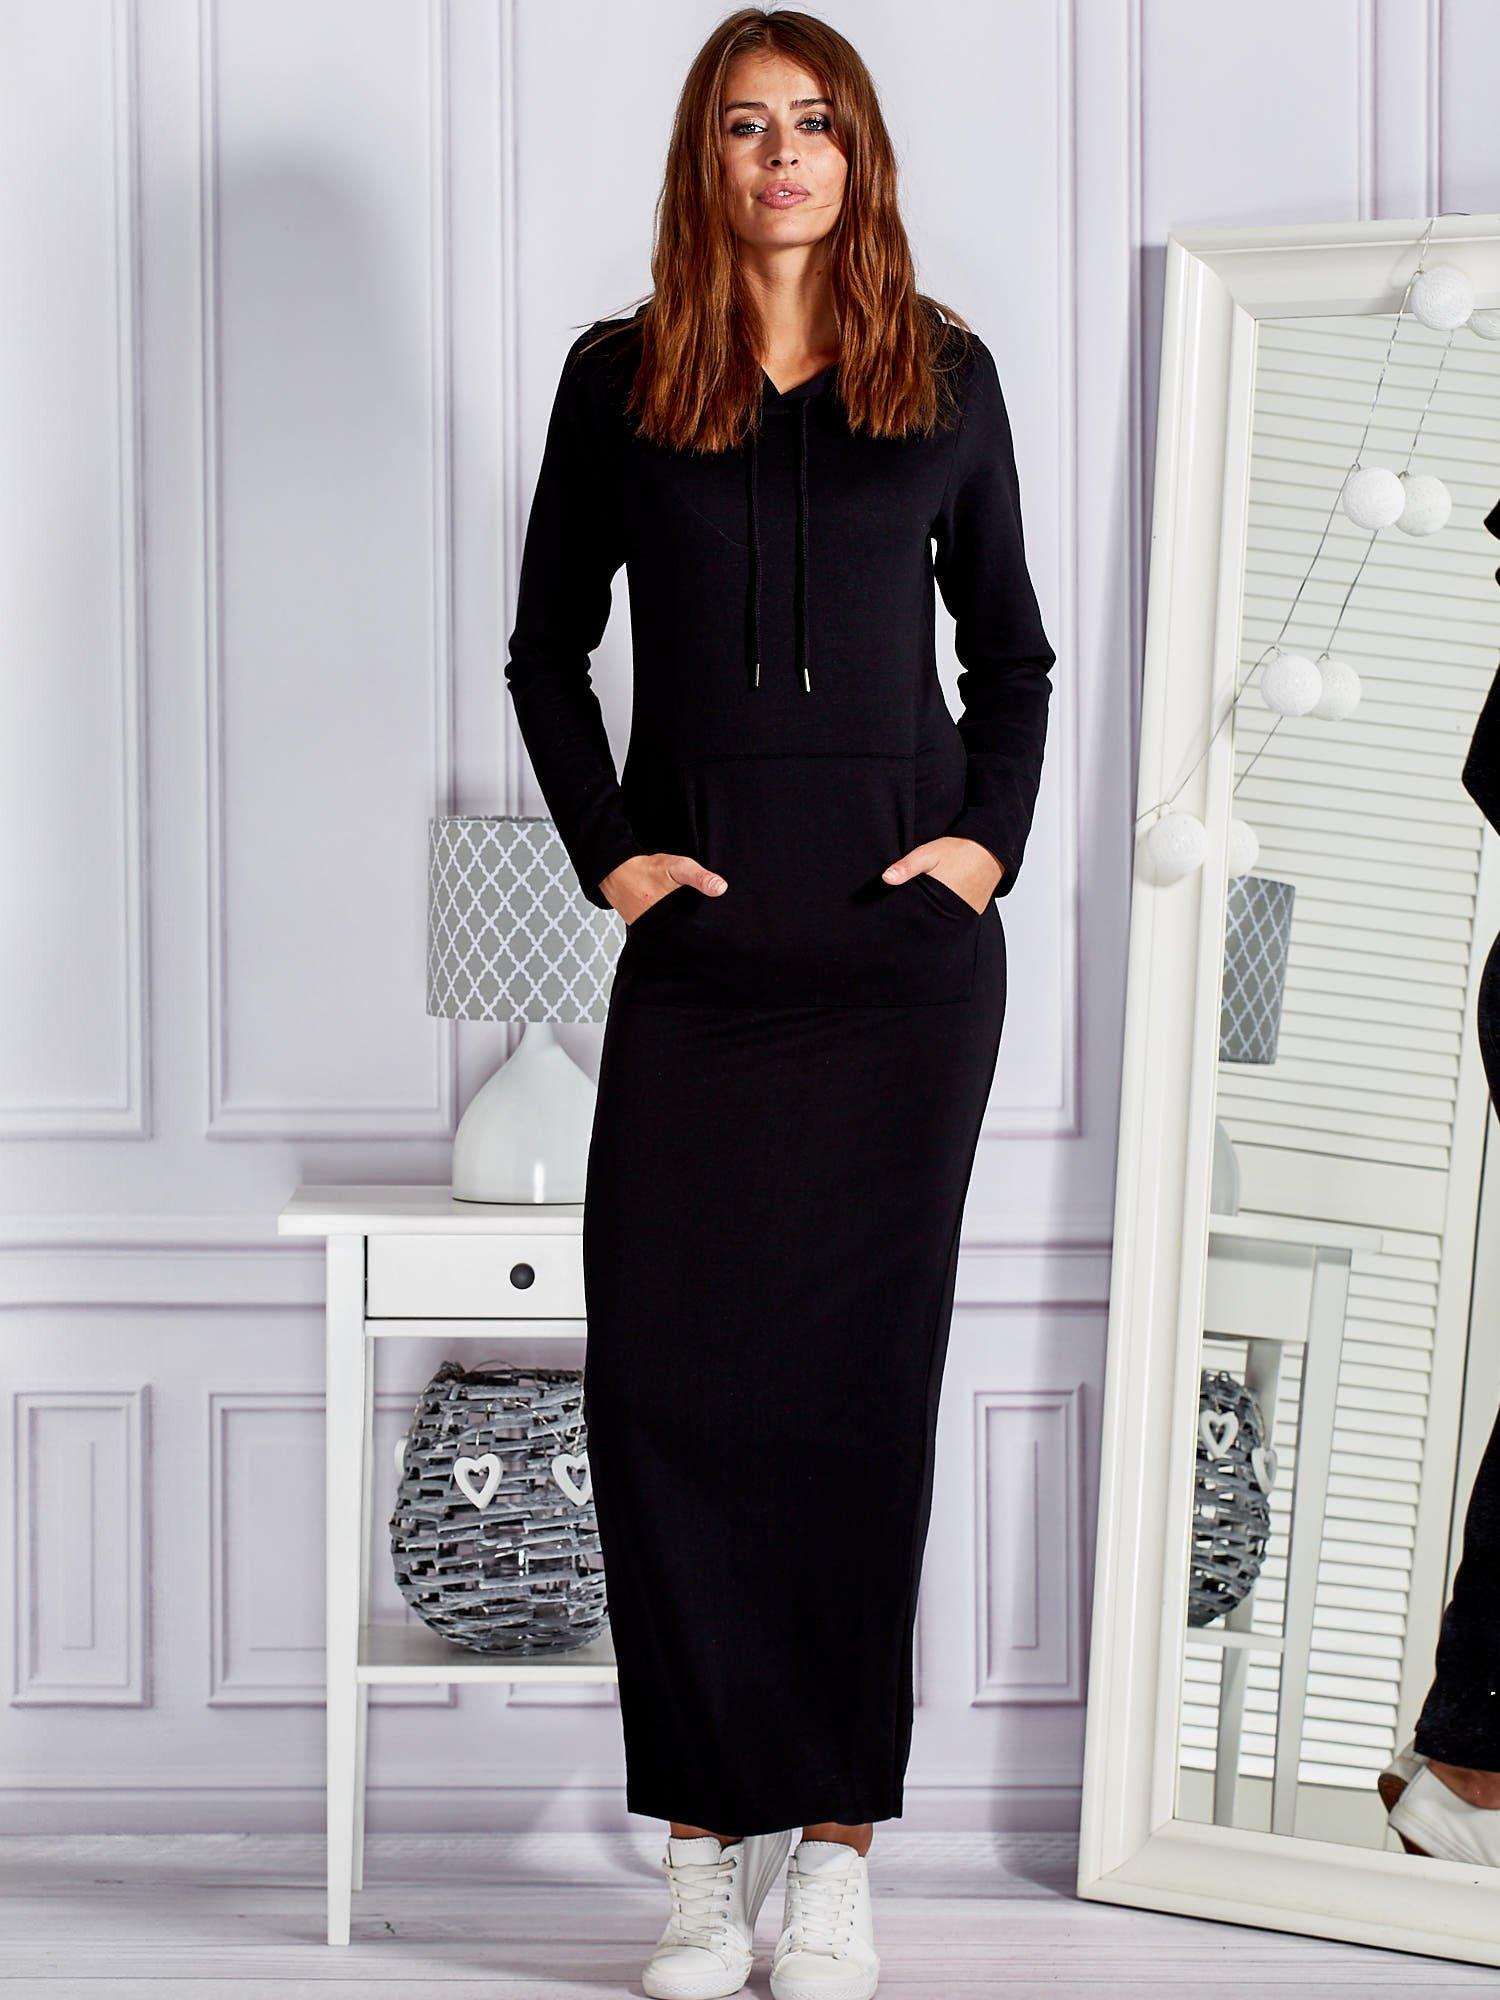 19fdee0d56 Bawełniana sukienka maxi z kapturem i kieszeniami czarna - Sukienka  dzianinowa - sklep eButik.pl